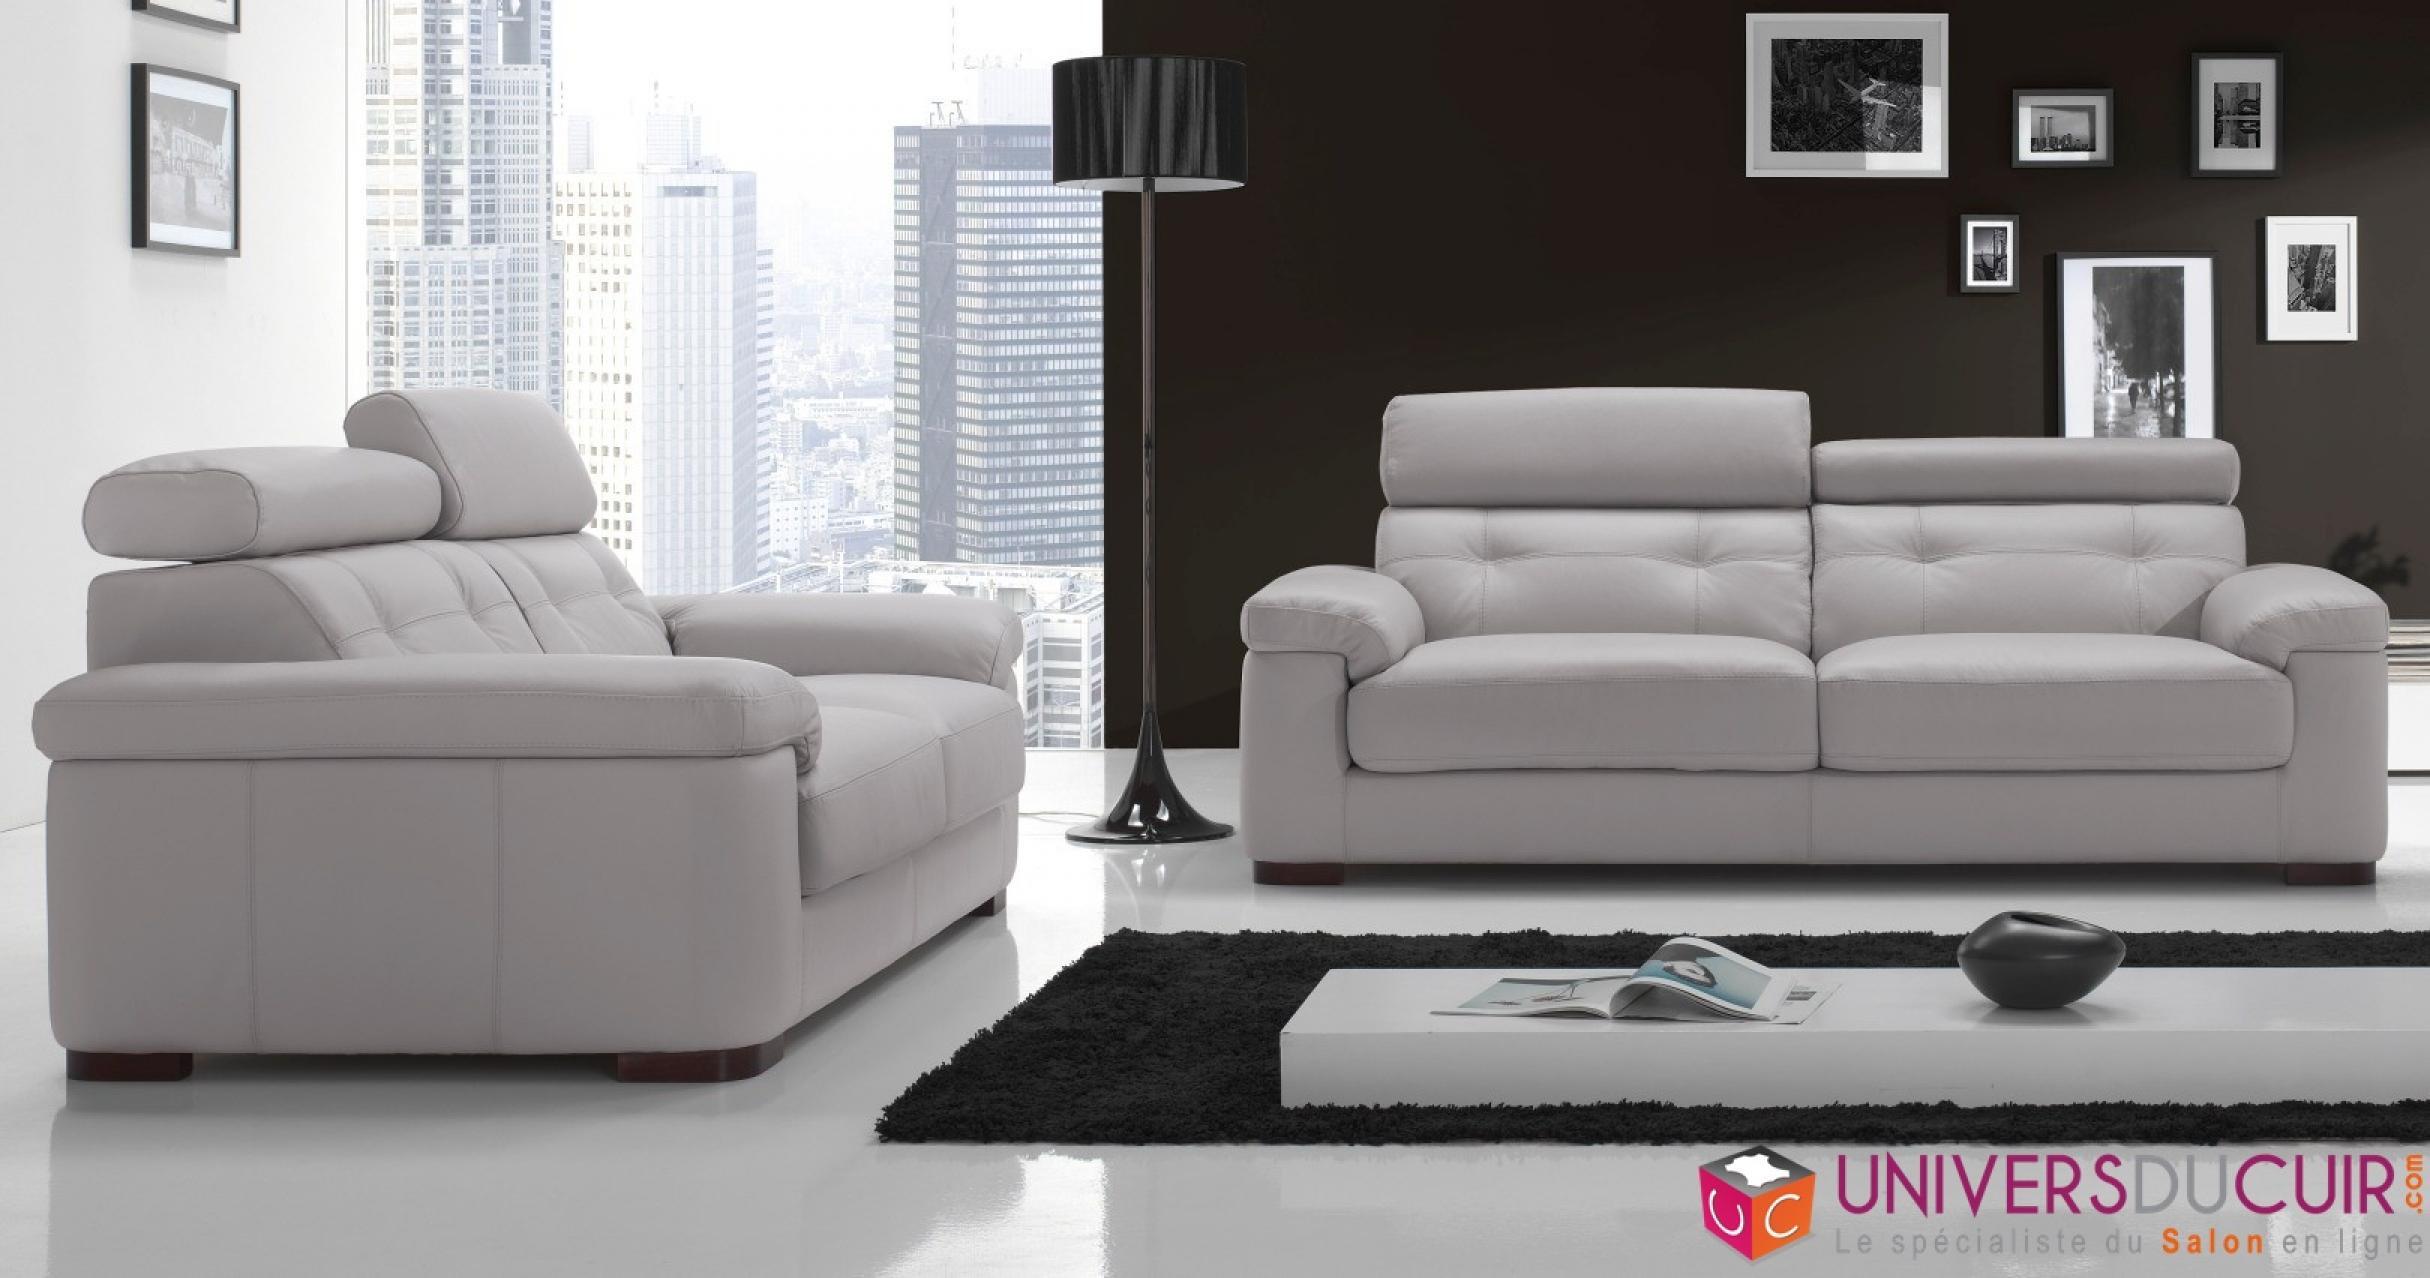 Canapé Convertible Pas Cher Conforama Beau Photographie Centralillaw Design De Maison